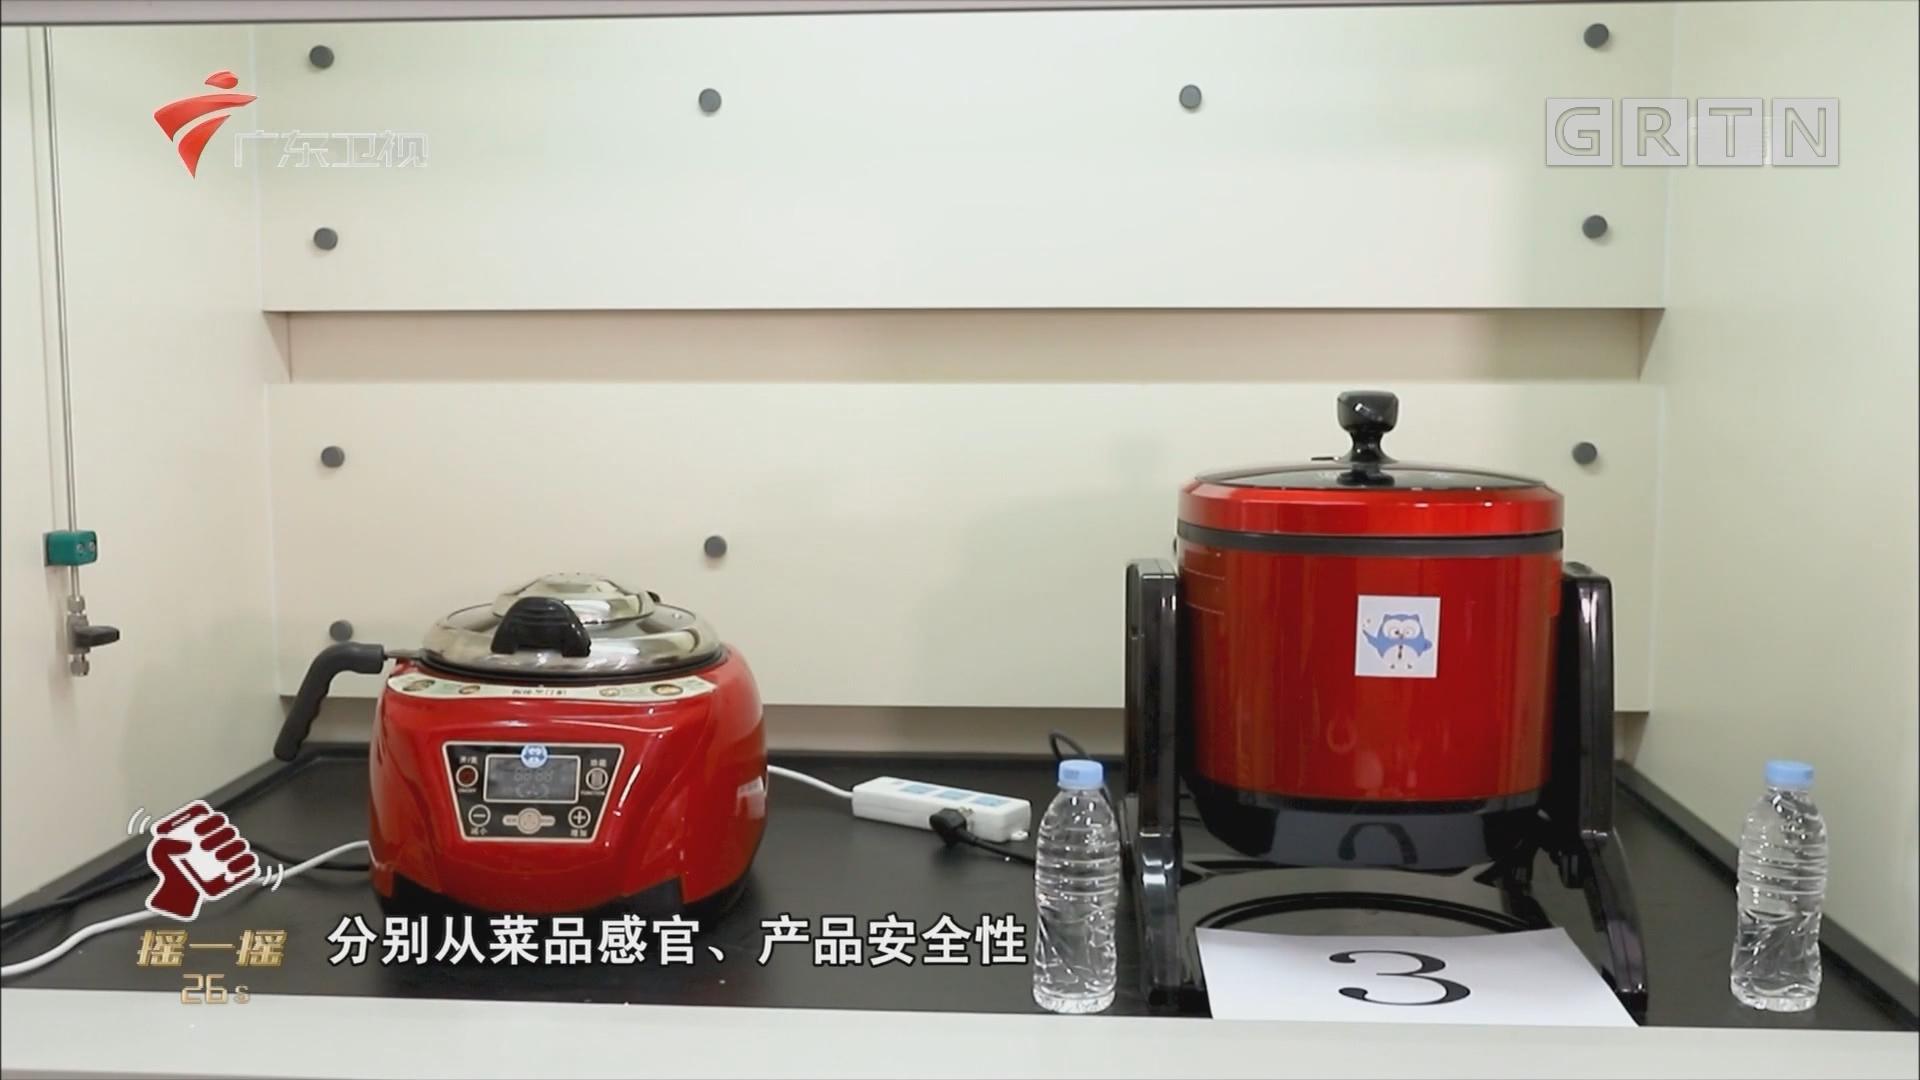 智能烹饪机比较试验